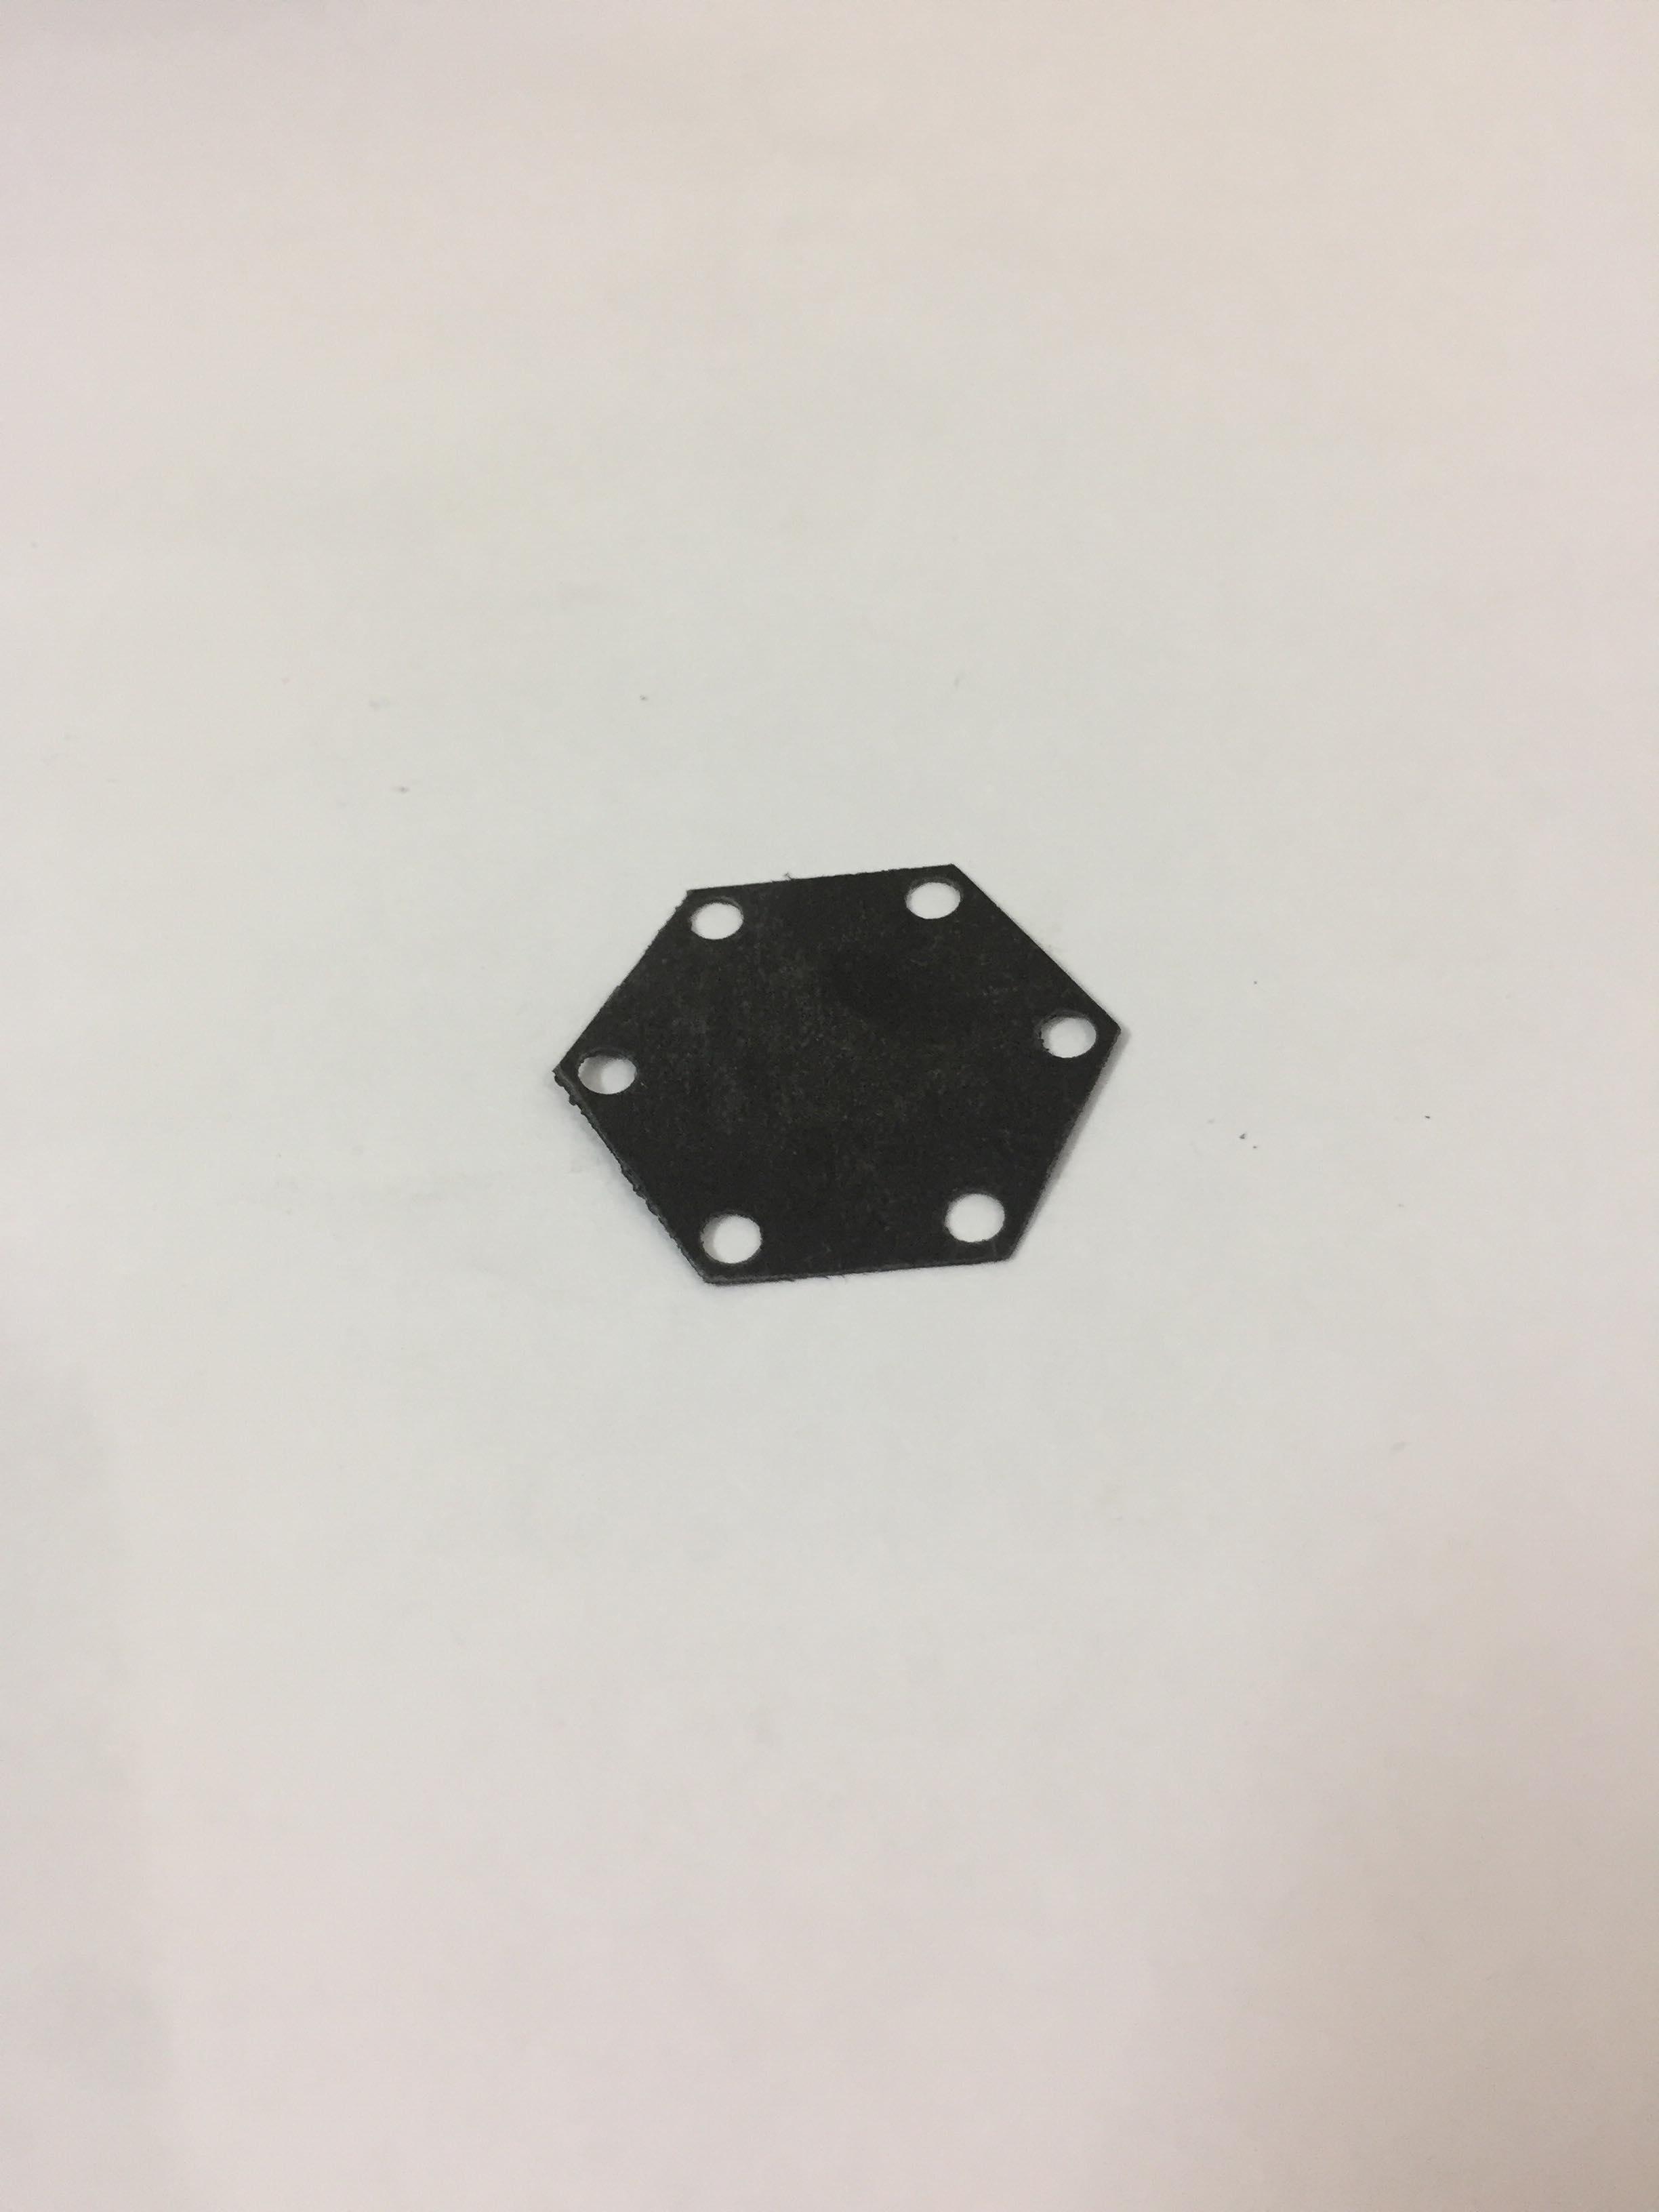 zoăng lục giác